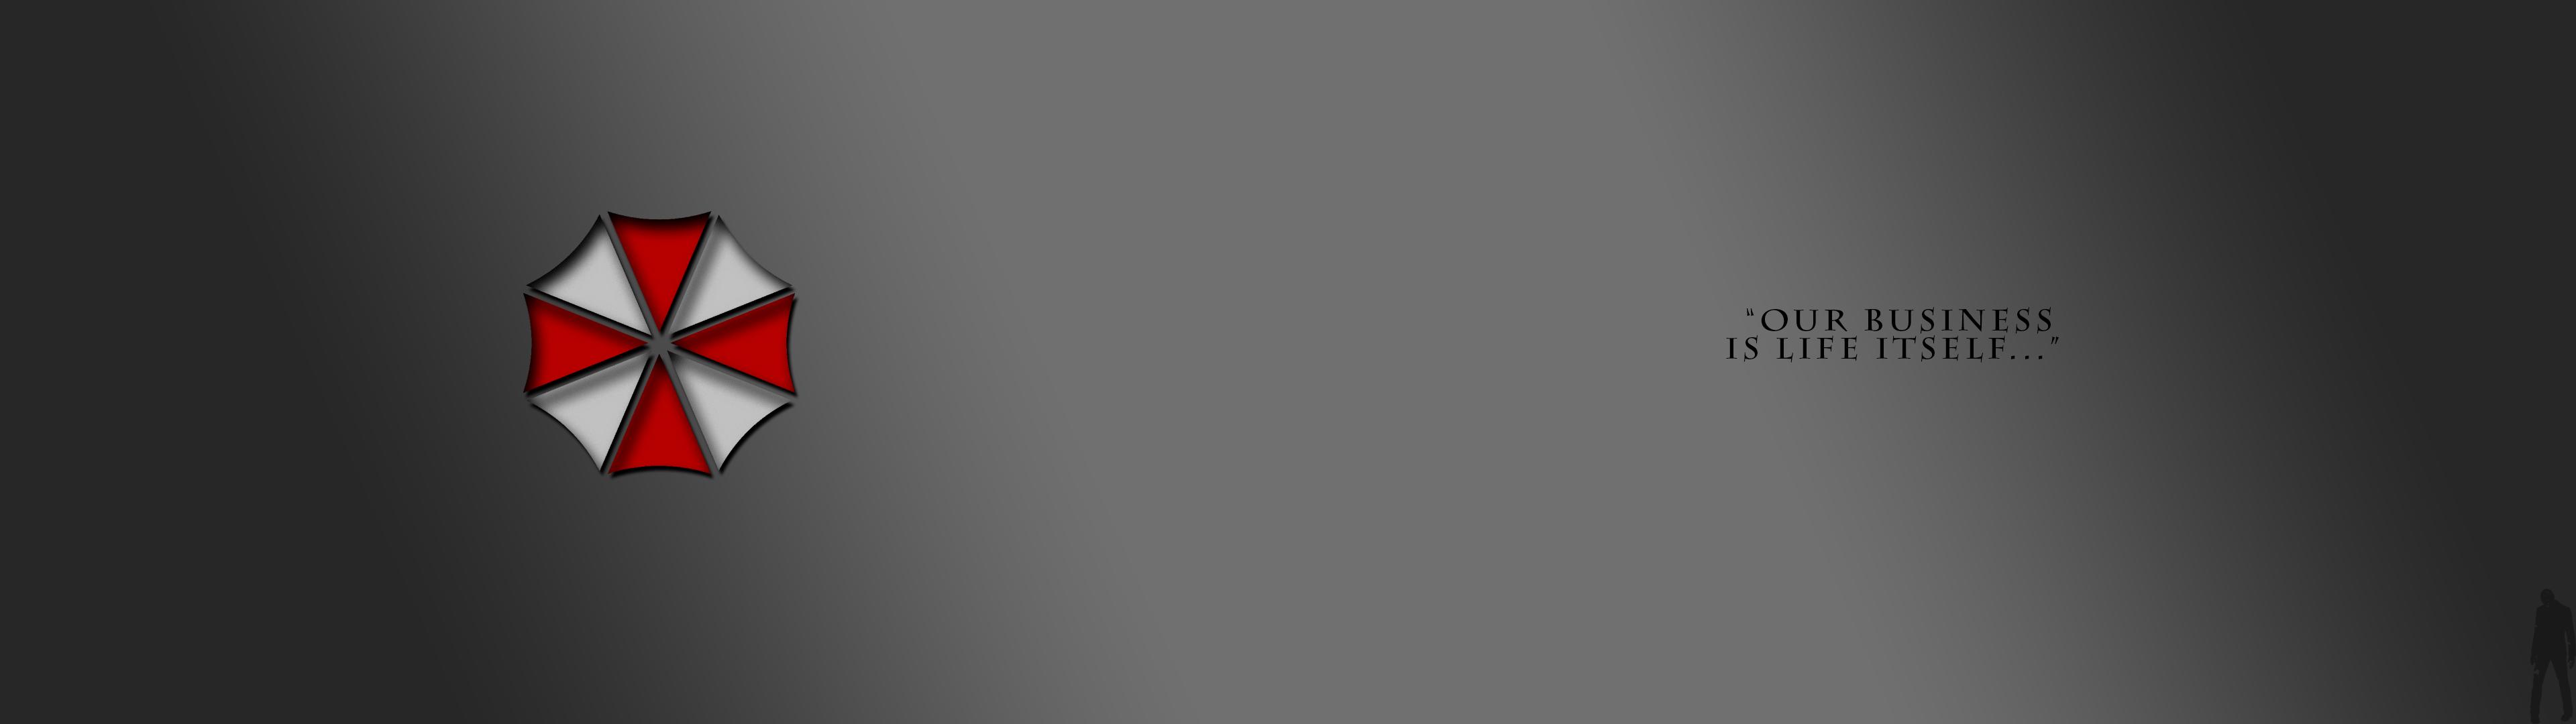 dual monitor screensaver reddit